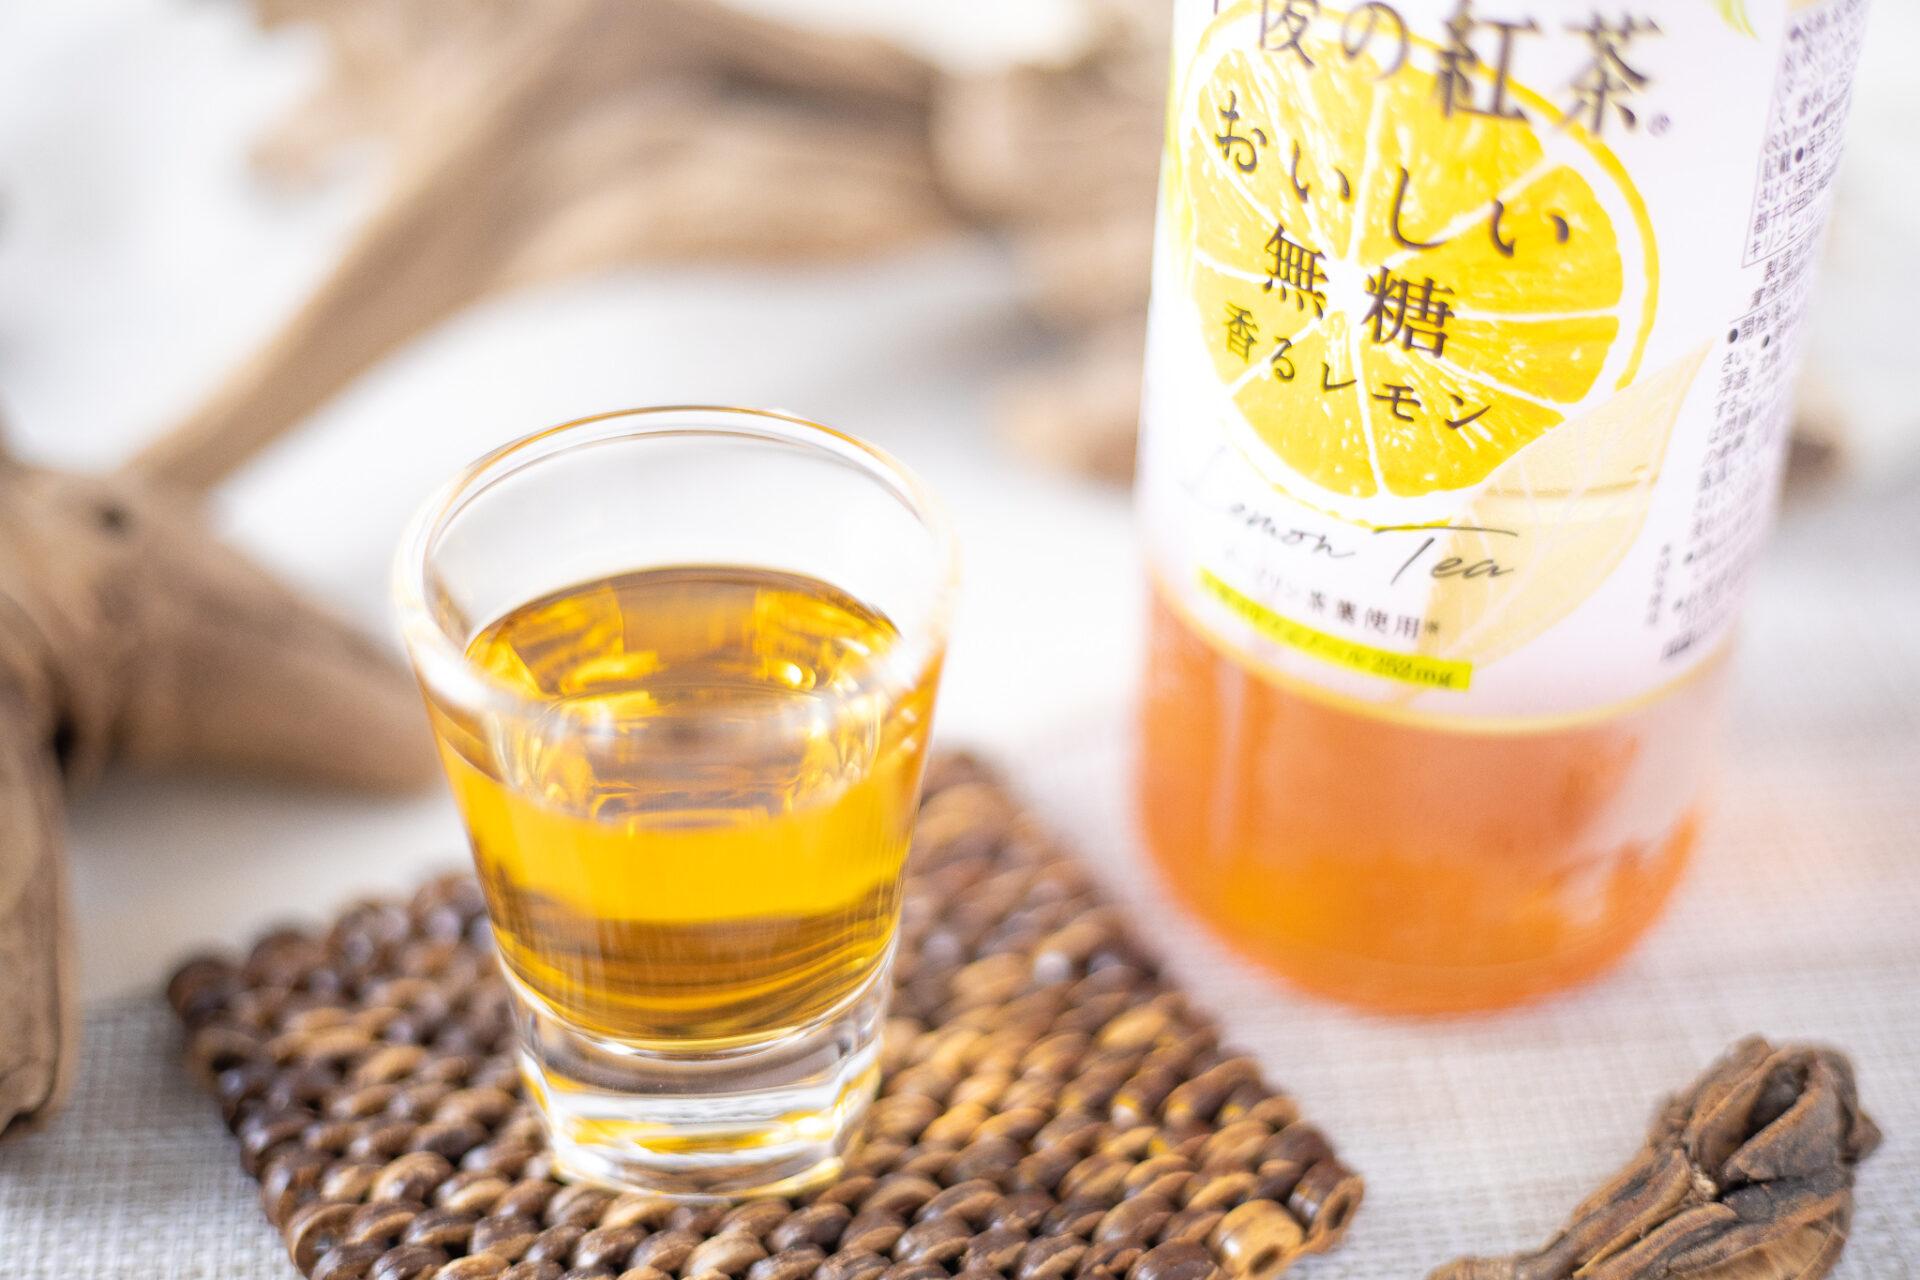 キリン『午後の紅茶 おいしい無糖 香るレモン 600ml ペットボトル』